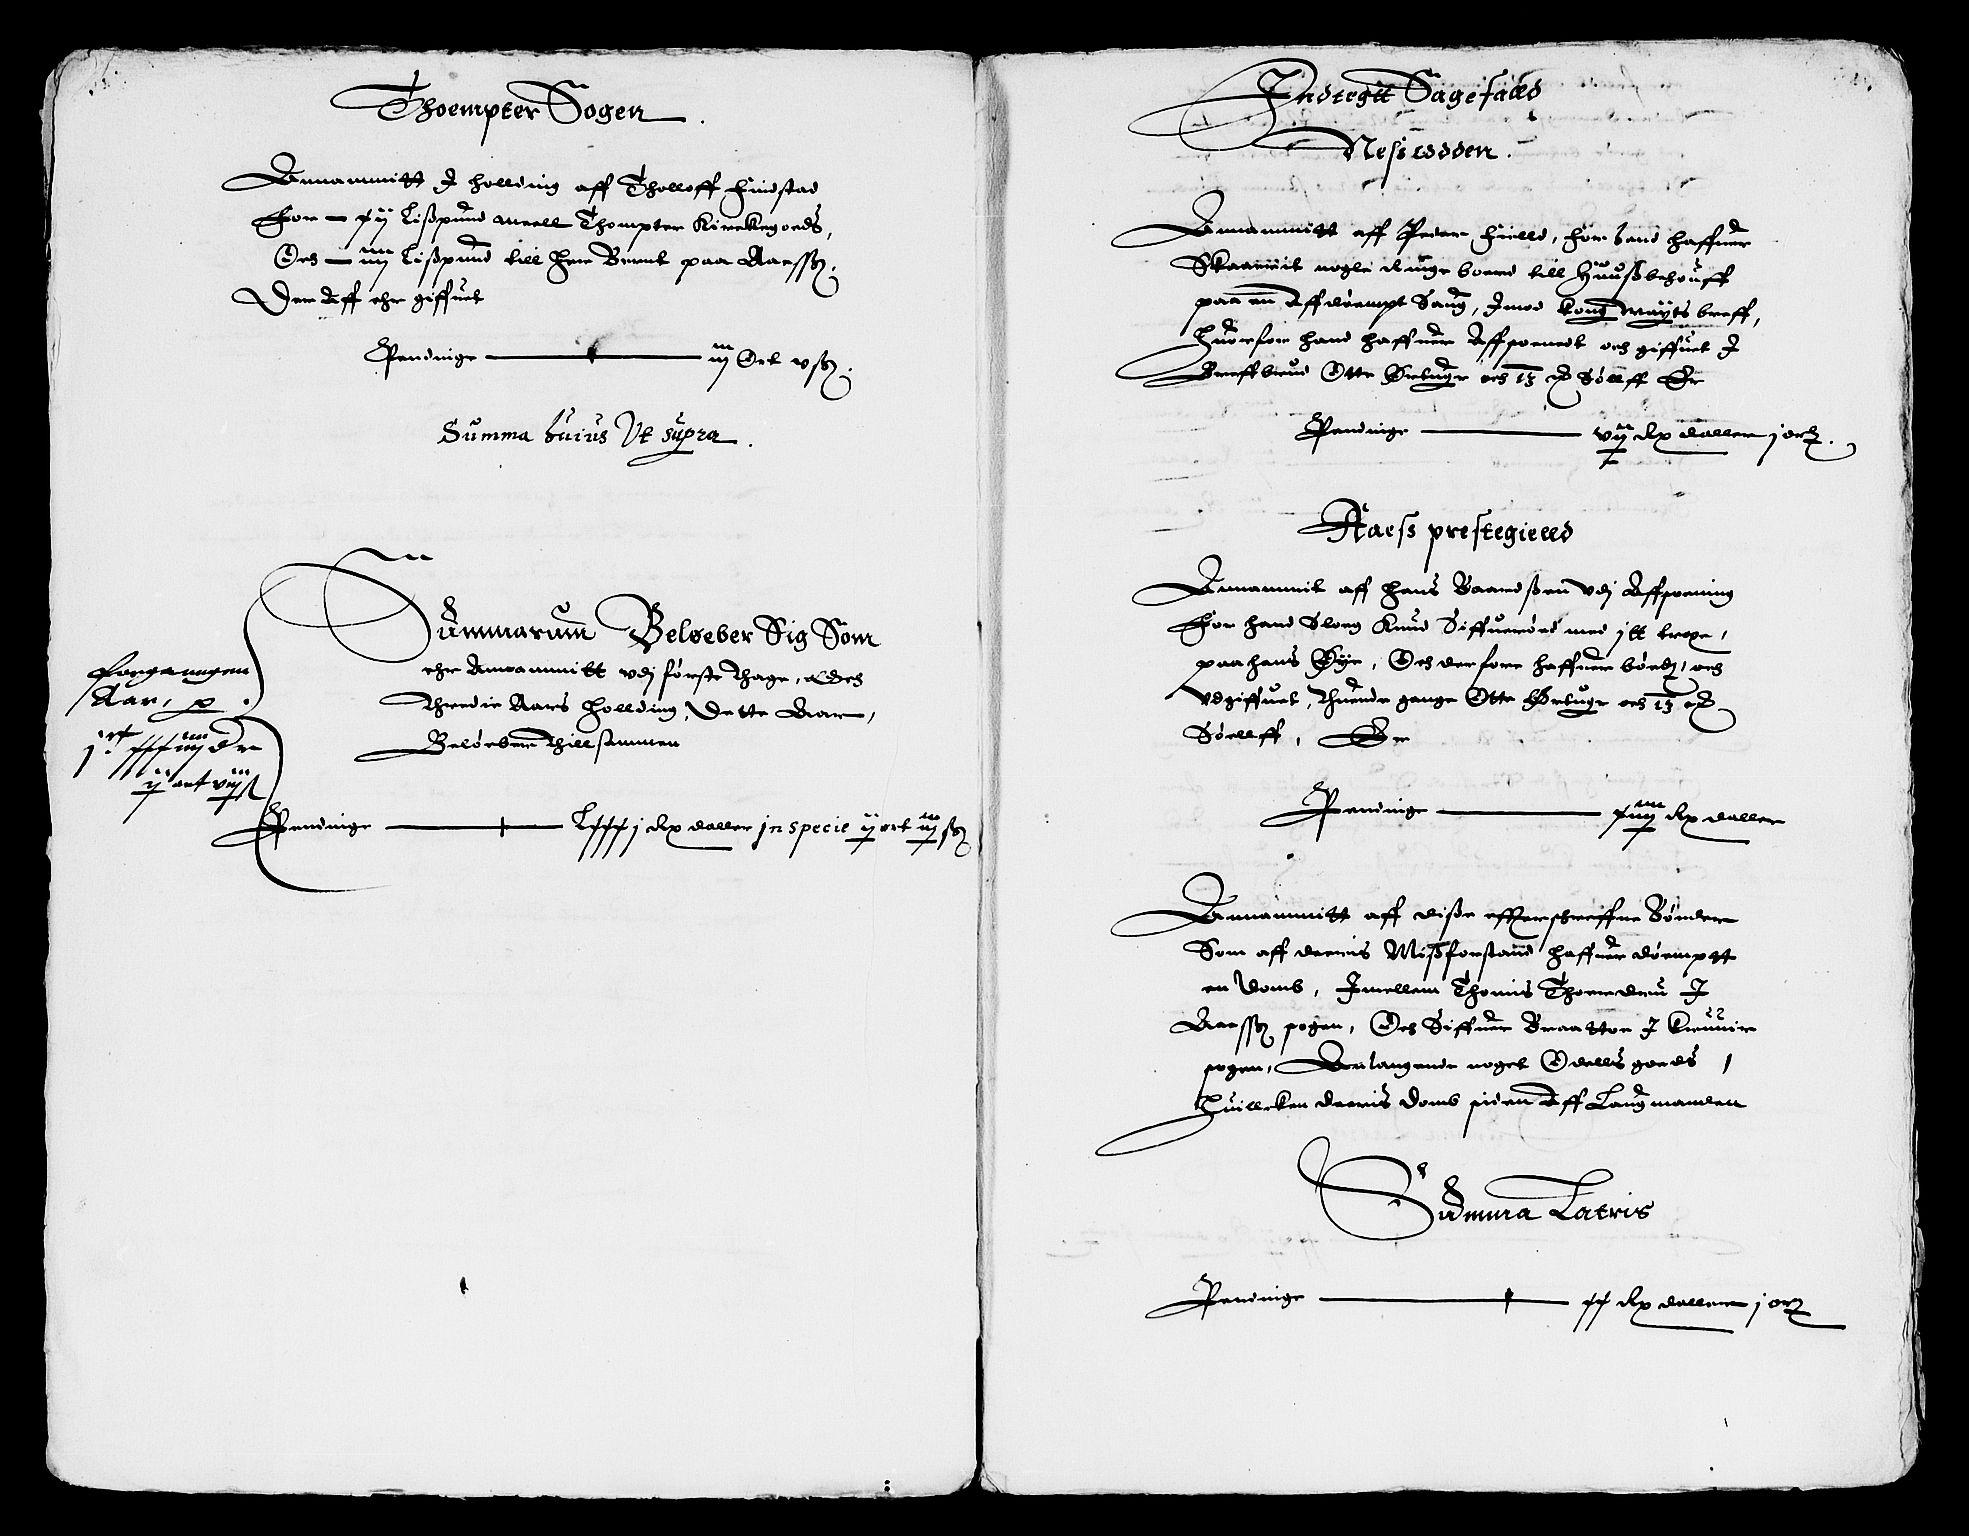 RA, Rentekammeret inntil 1814, Reviderte regnskaper, Lensregnskaper, R/Rb/Rba/L0065: Akershus len, 1618-1624